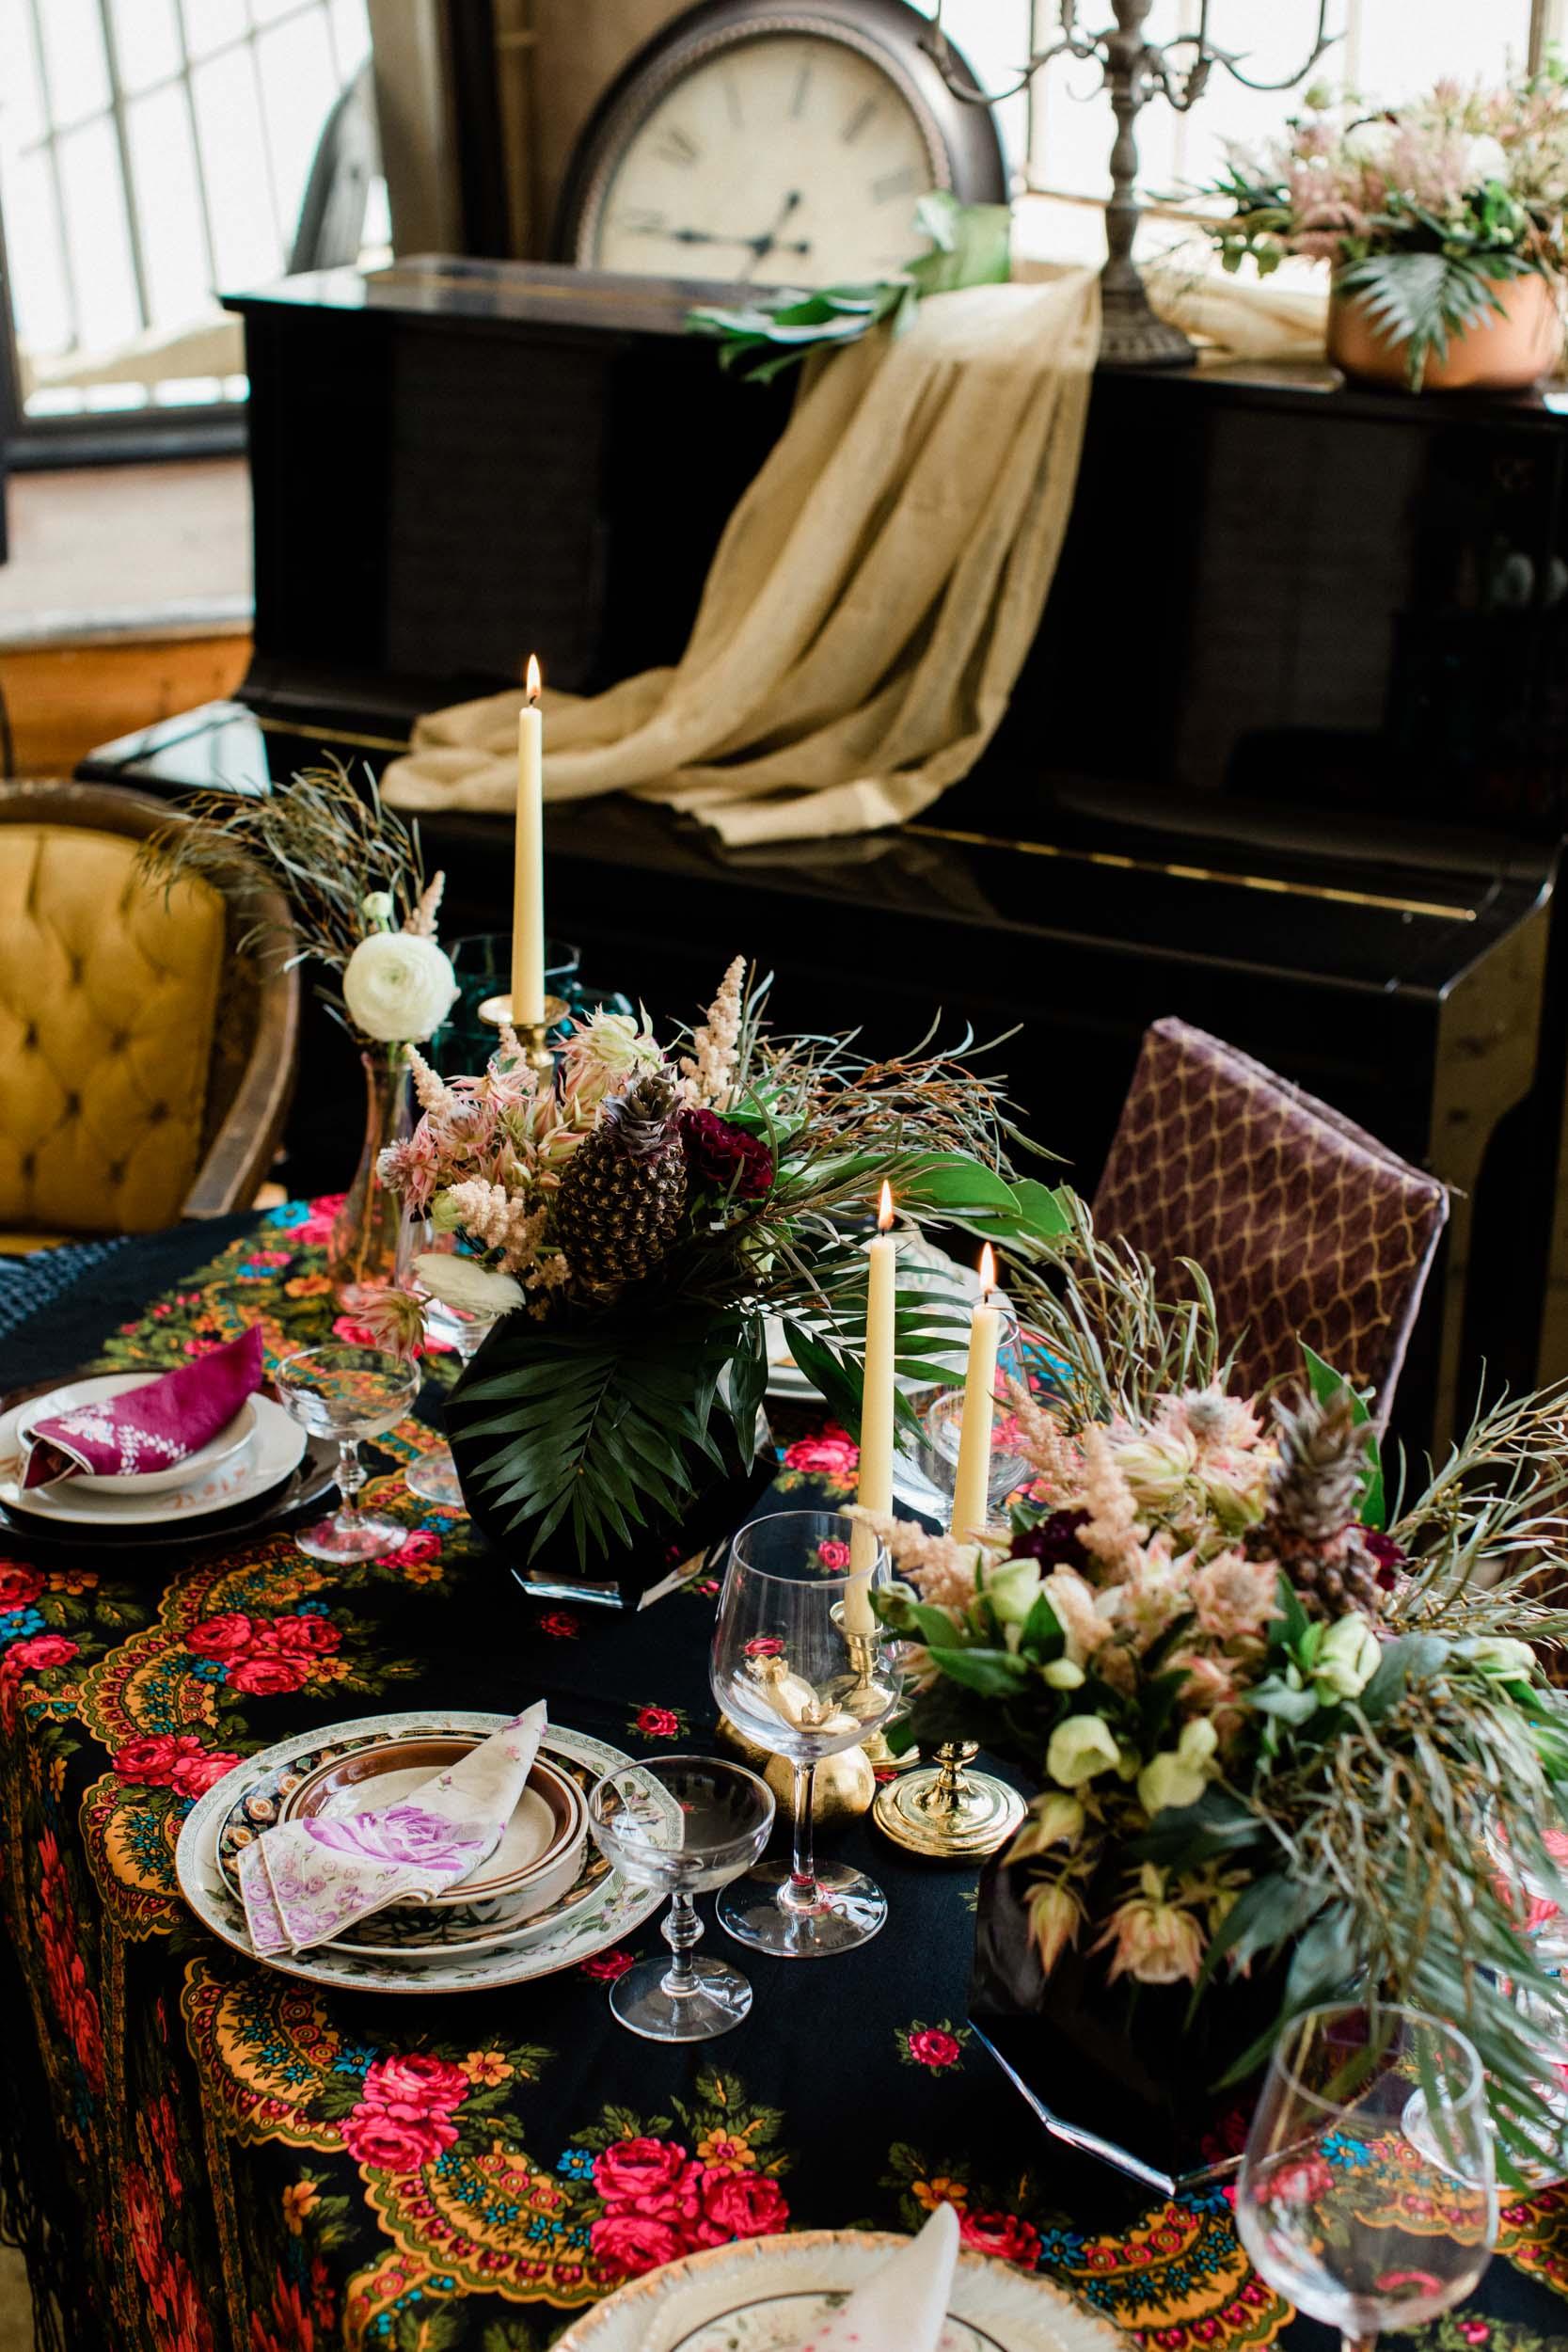 BKM-Photography-Dark-Gothic-Madeline-Garden-Bistro-Pasadena-Wedding-Photographer-Janelle-Loiselle-0037.jpg